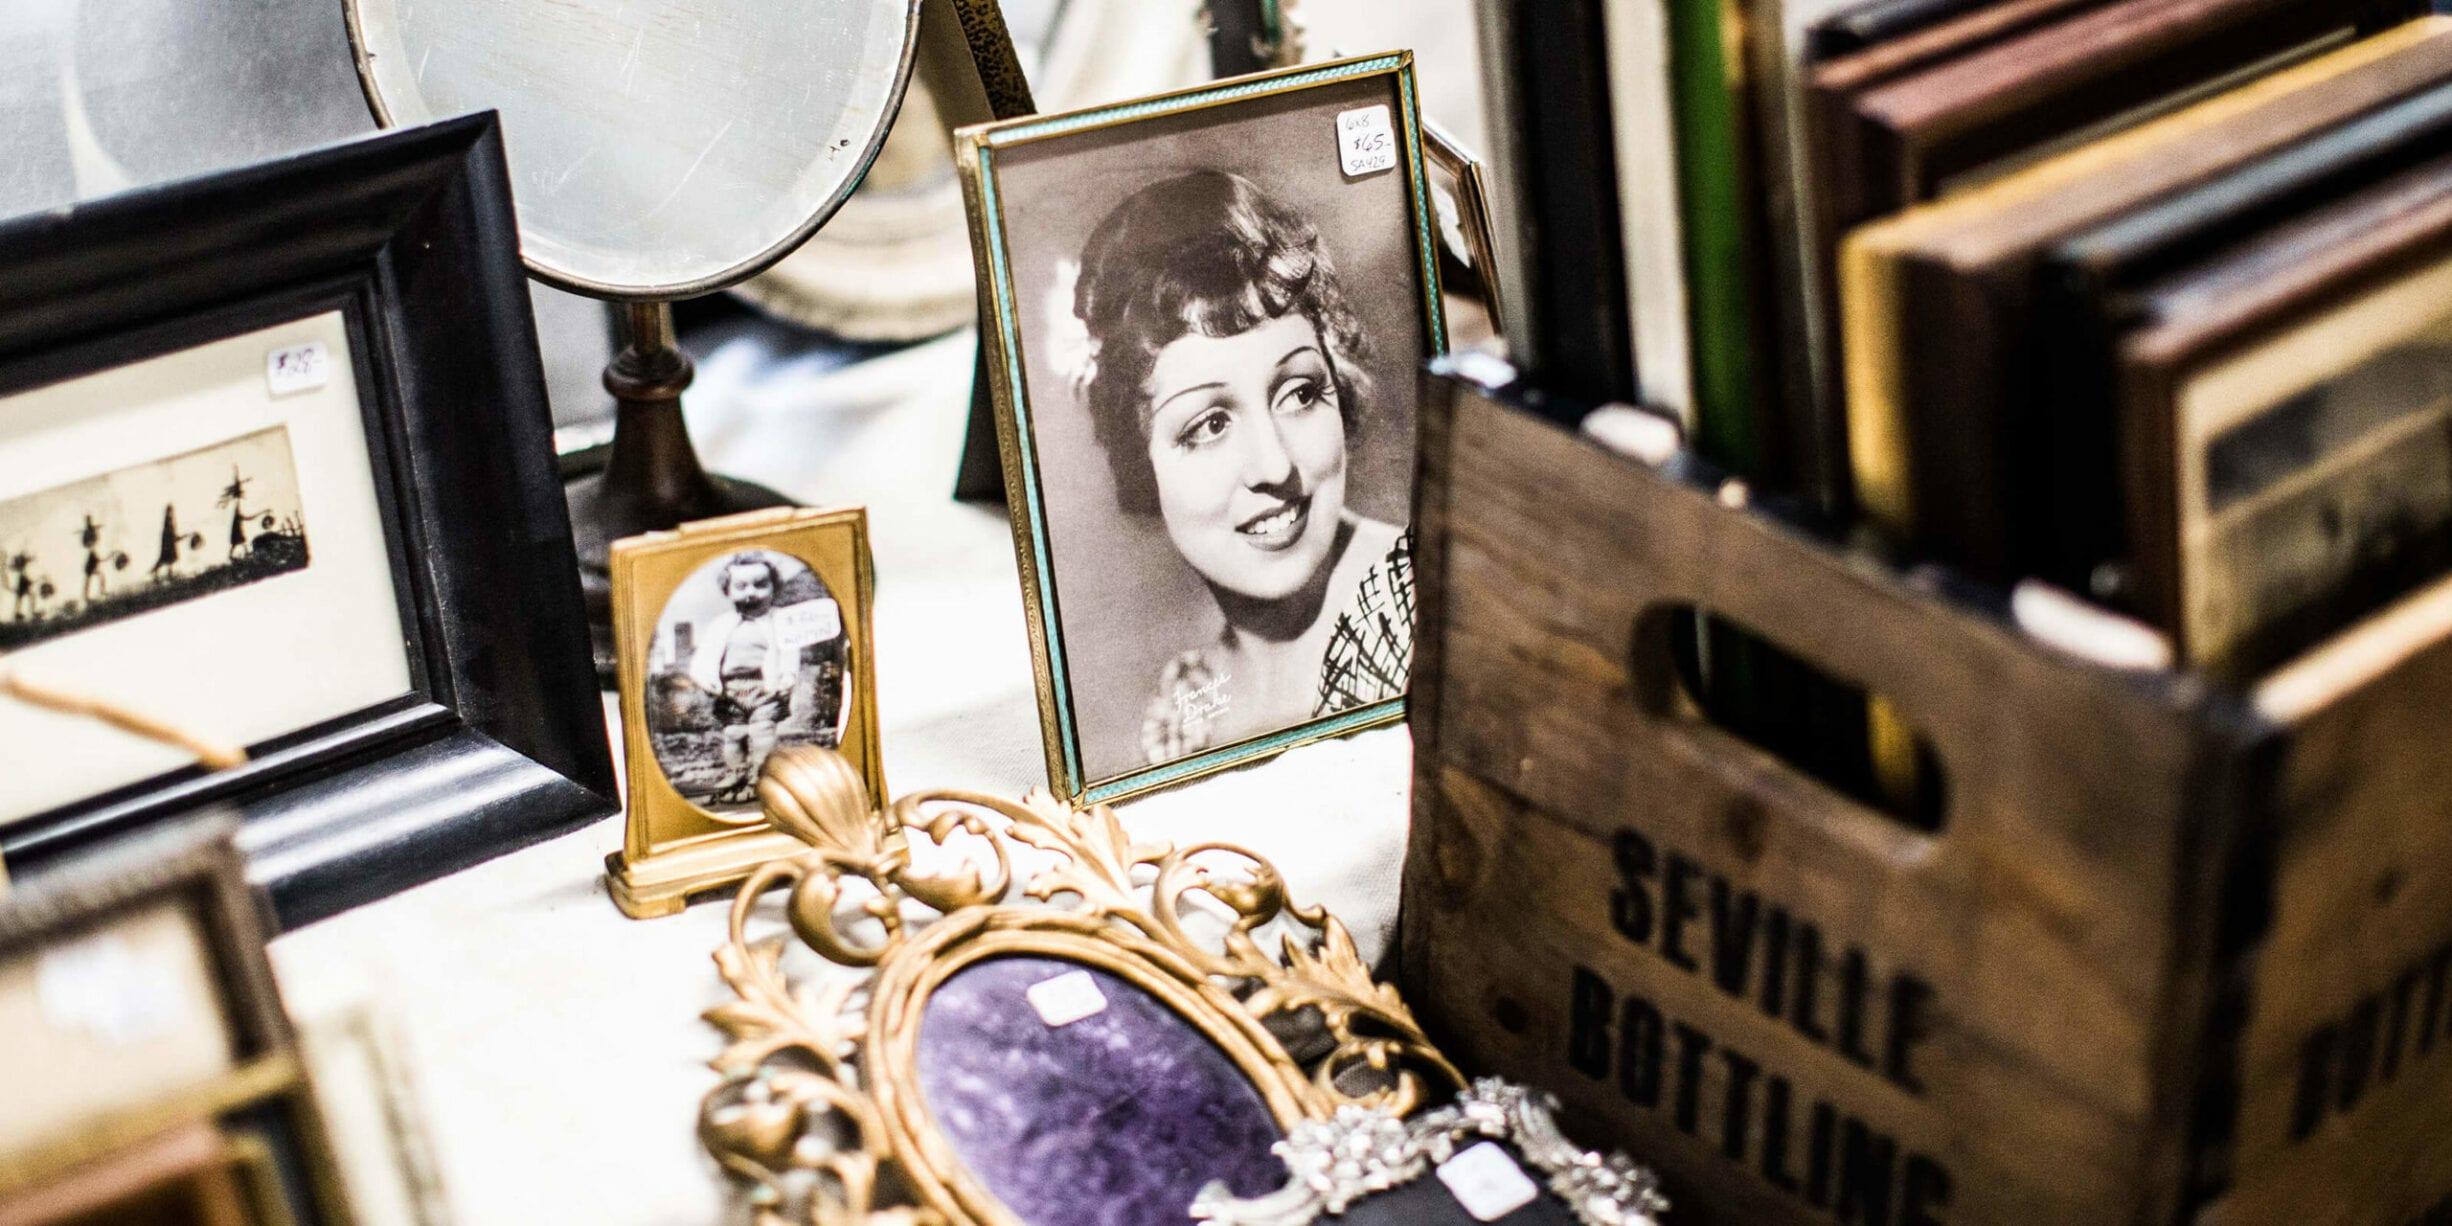 antique shop shelf, picture frames